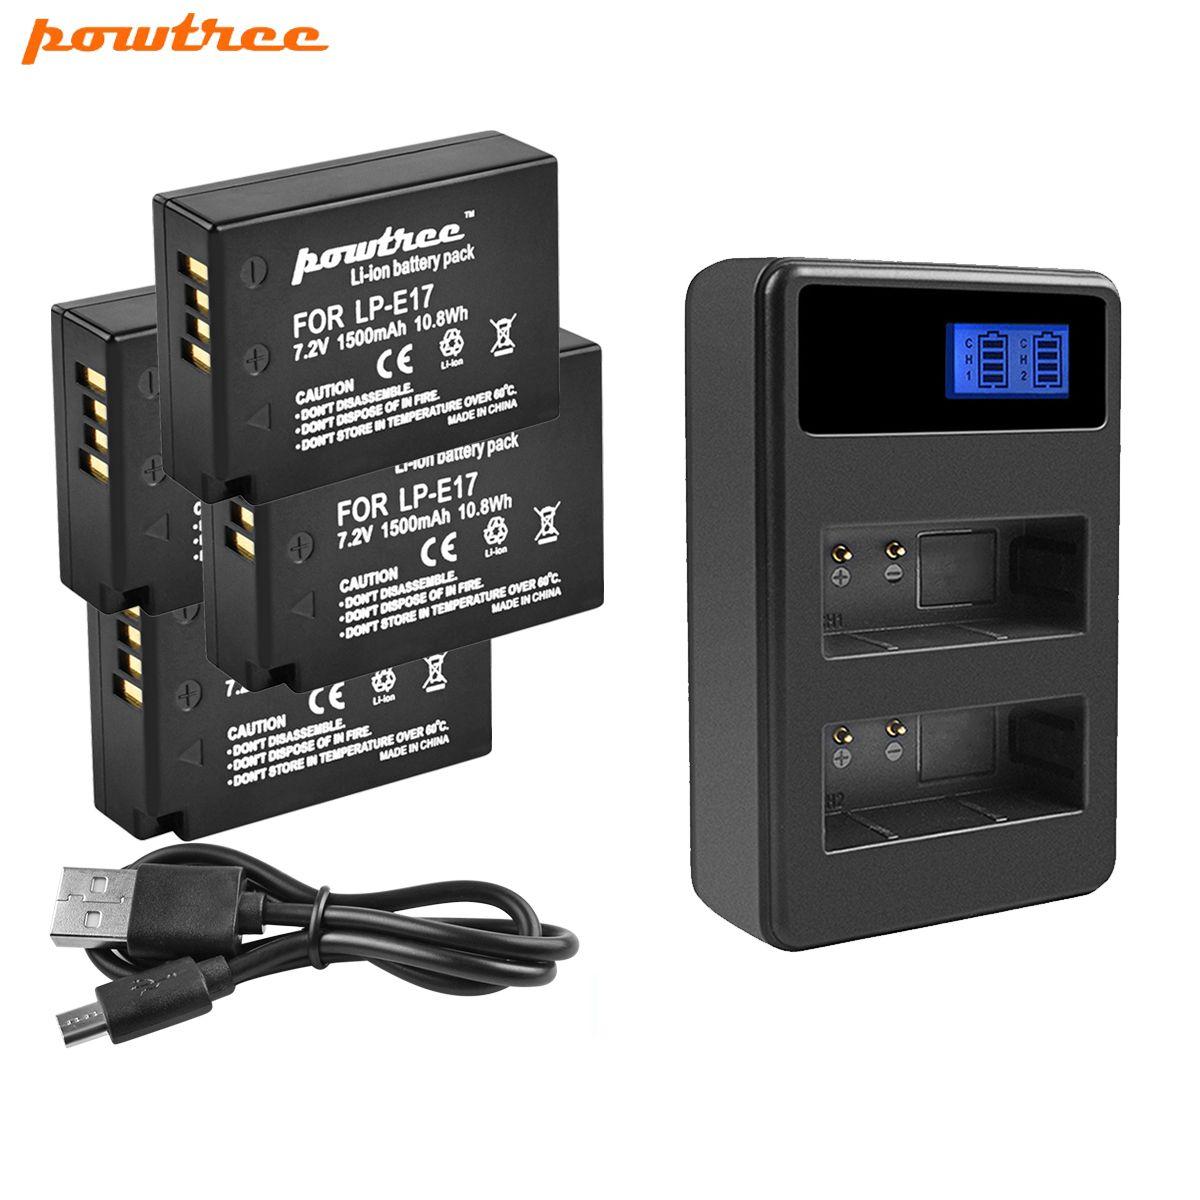 Powtree 1500mAh LPE17 LP E17 LP-E17 Batterie & LCD Double Chargeur pour appareil photo Canon EOS 200D M3 M6 750D 760D T6i T6s 800D 8000D Baiser X8i L10